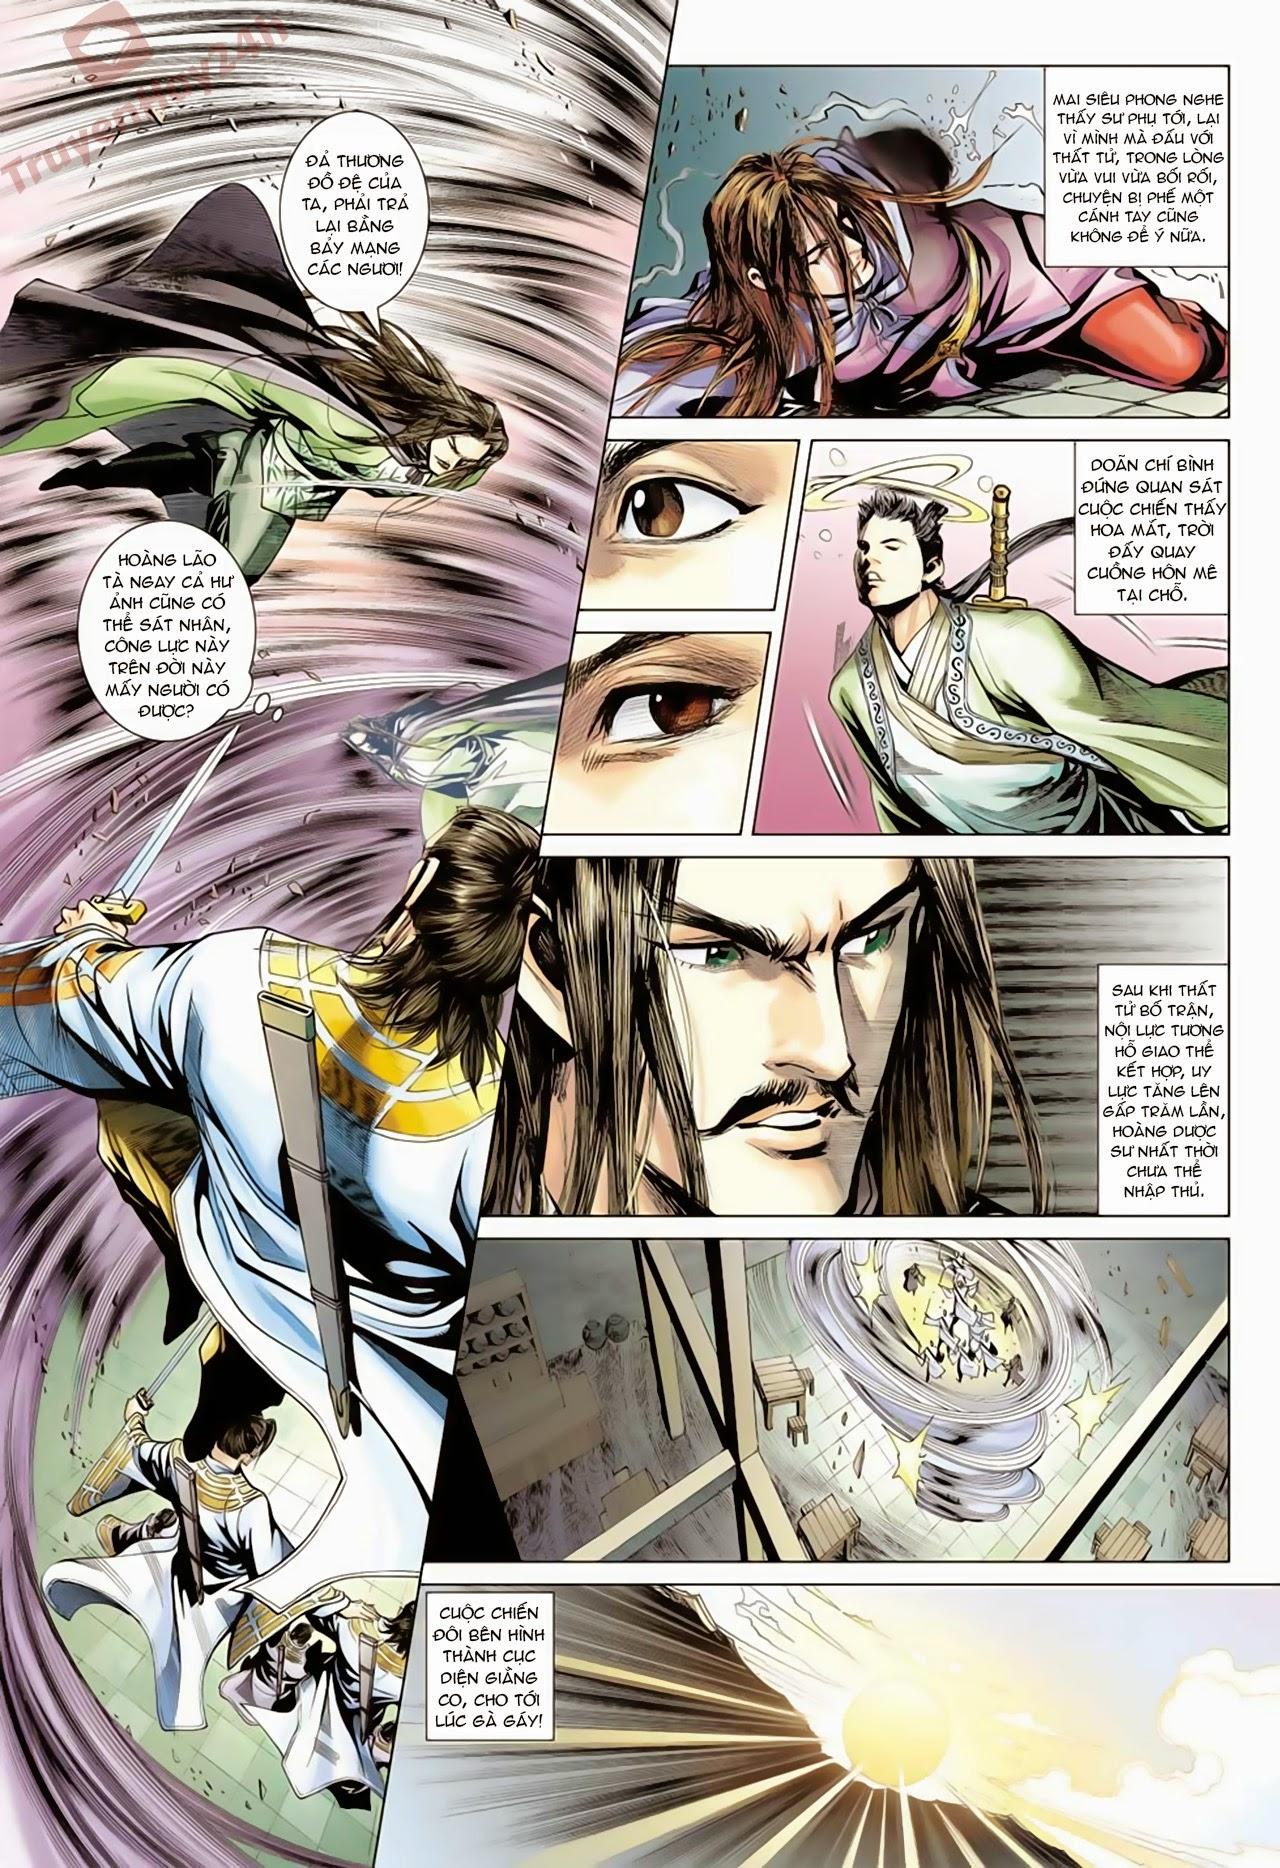 xem truyen moi - Anh Hùng Xạ Điêu - Chapter 63 : Mai Siêu Phong Chi Tử